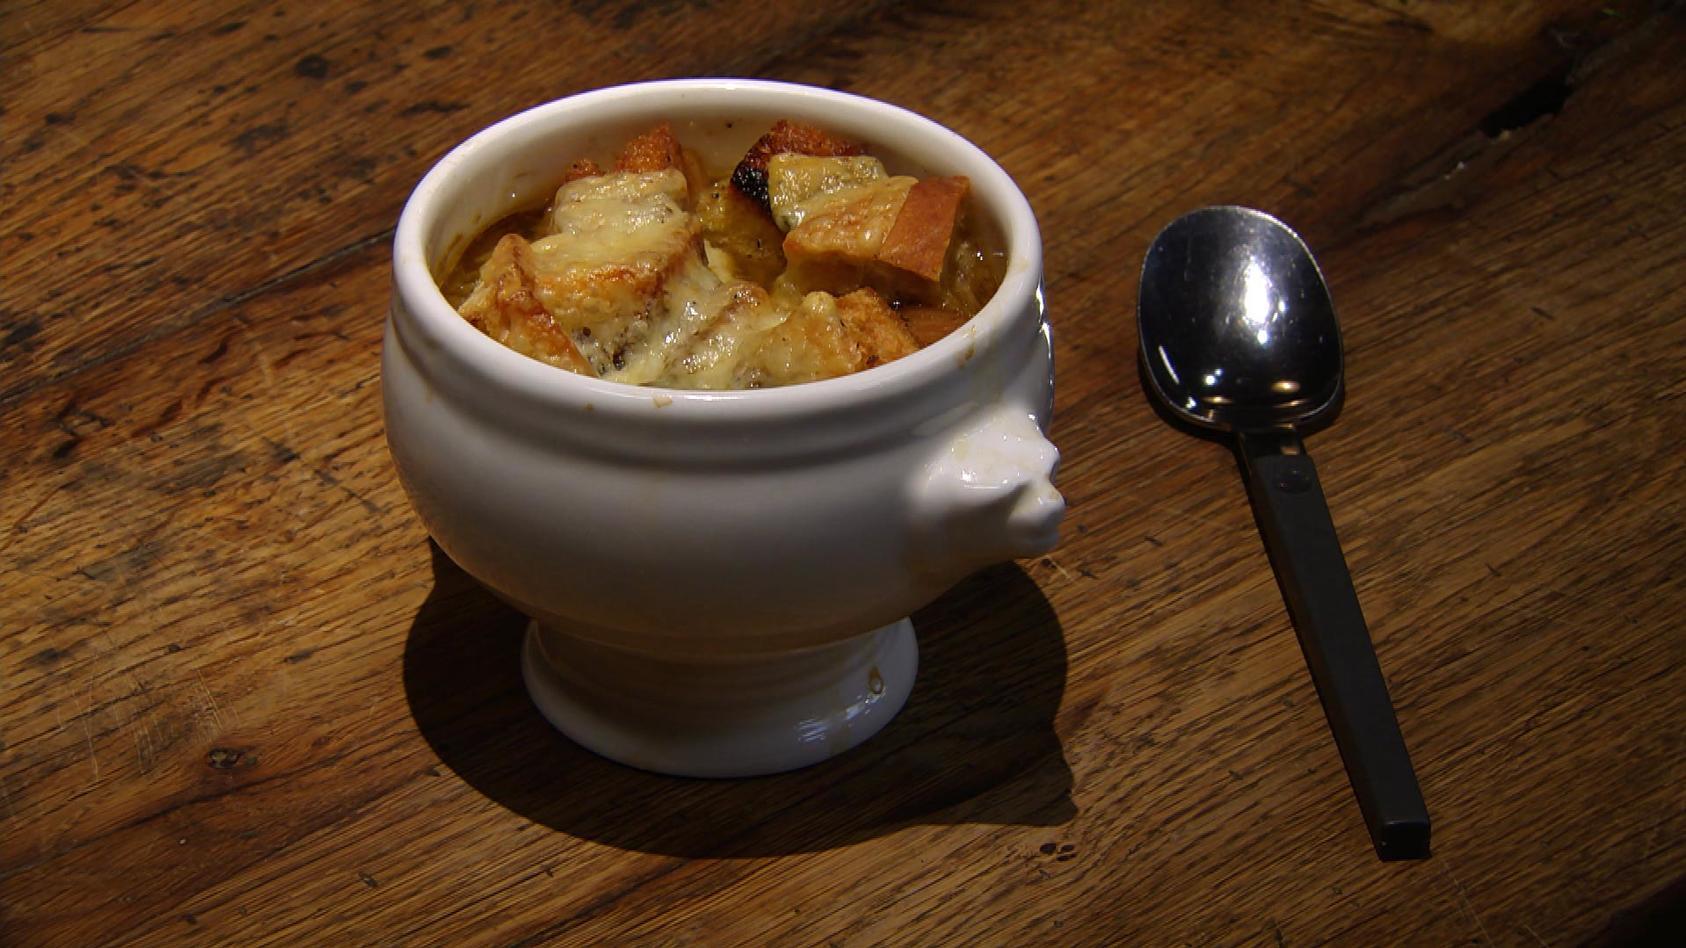 Retroküche – Zeitreise in die 70er: Überbackene Zwiebelsuppe